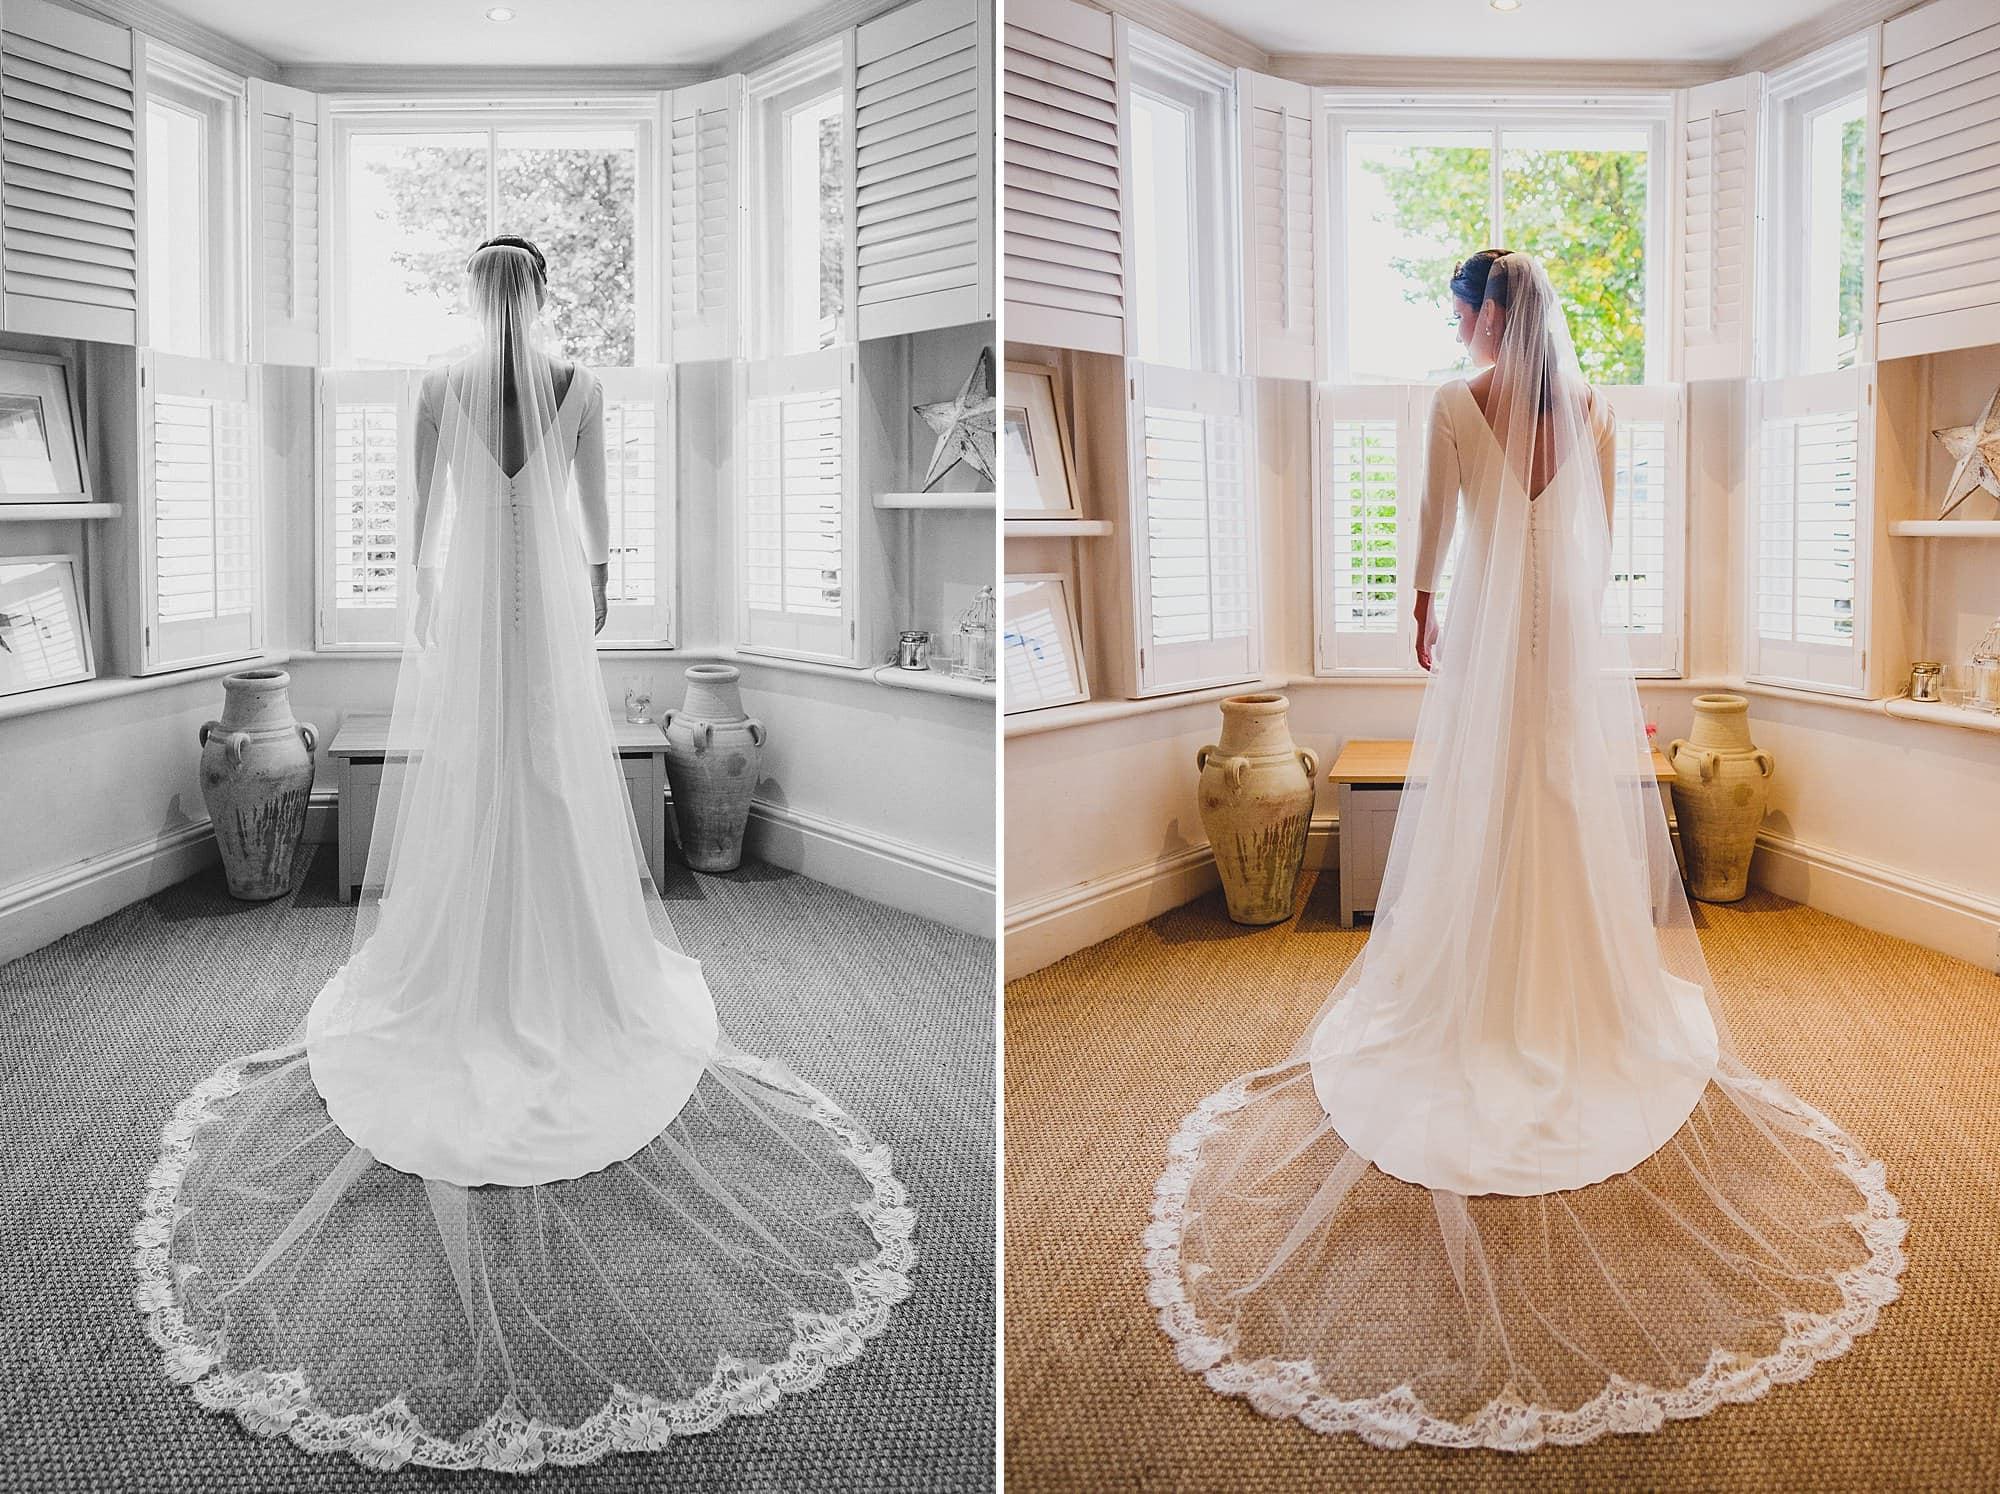 fulham palace wedding photographer ok 001 - Olivia + Kyle